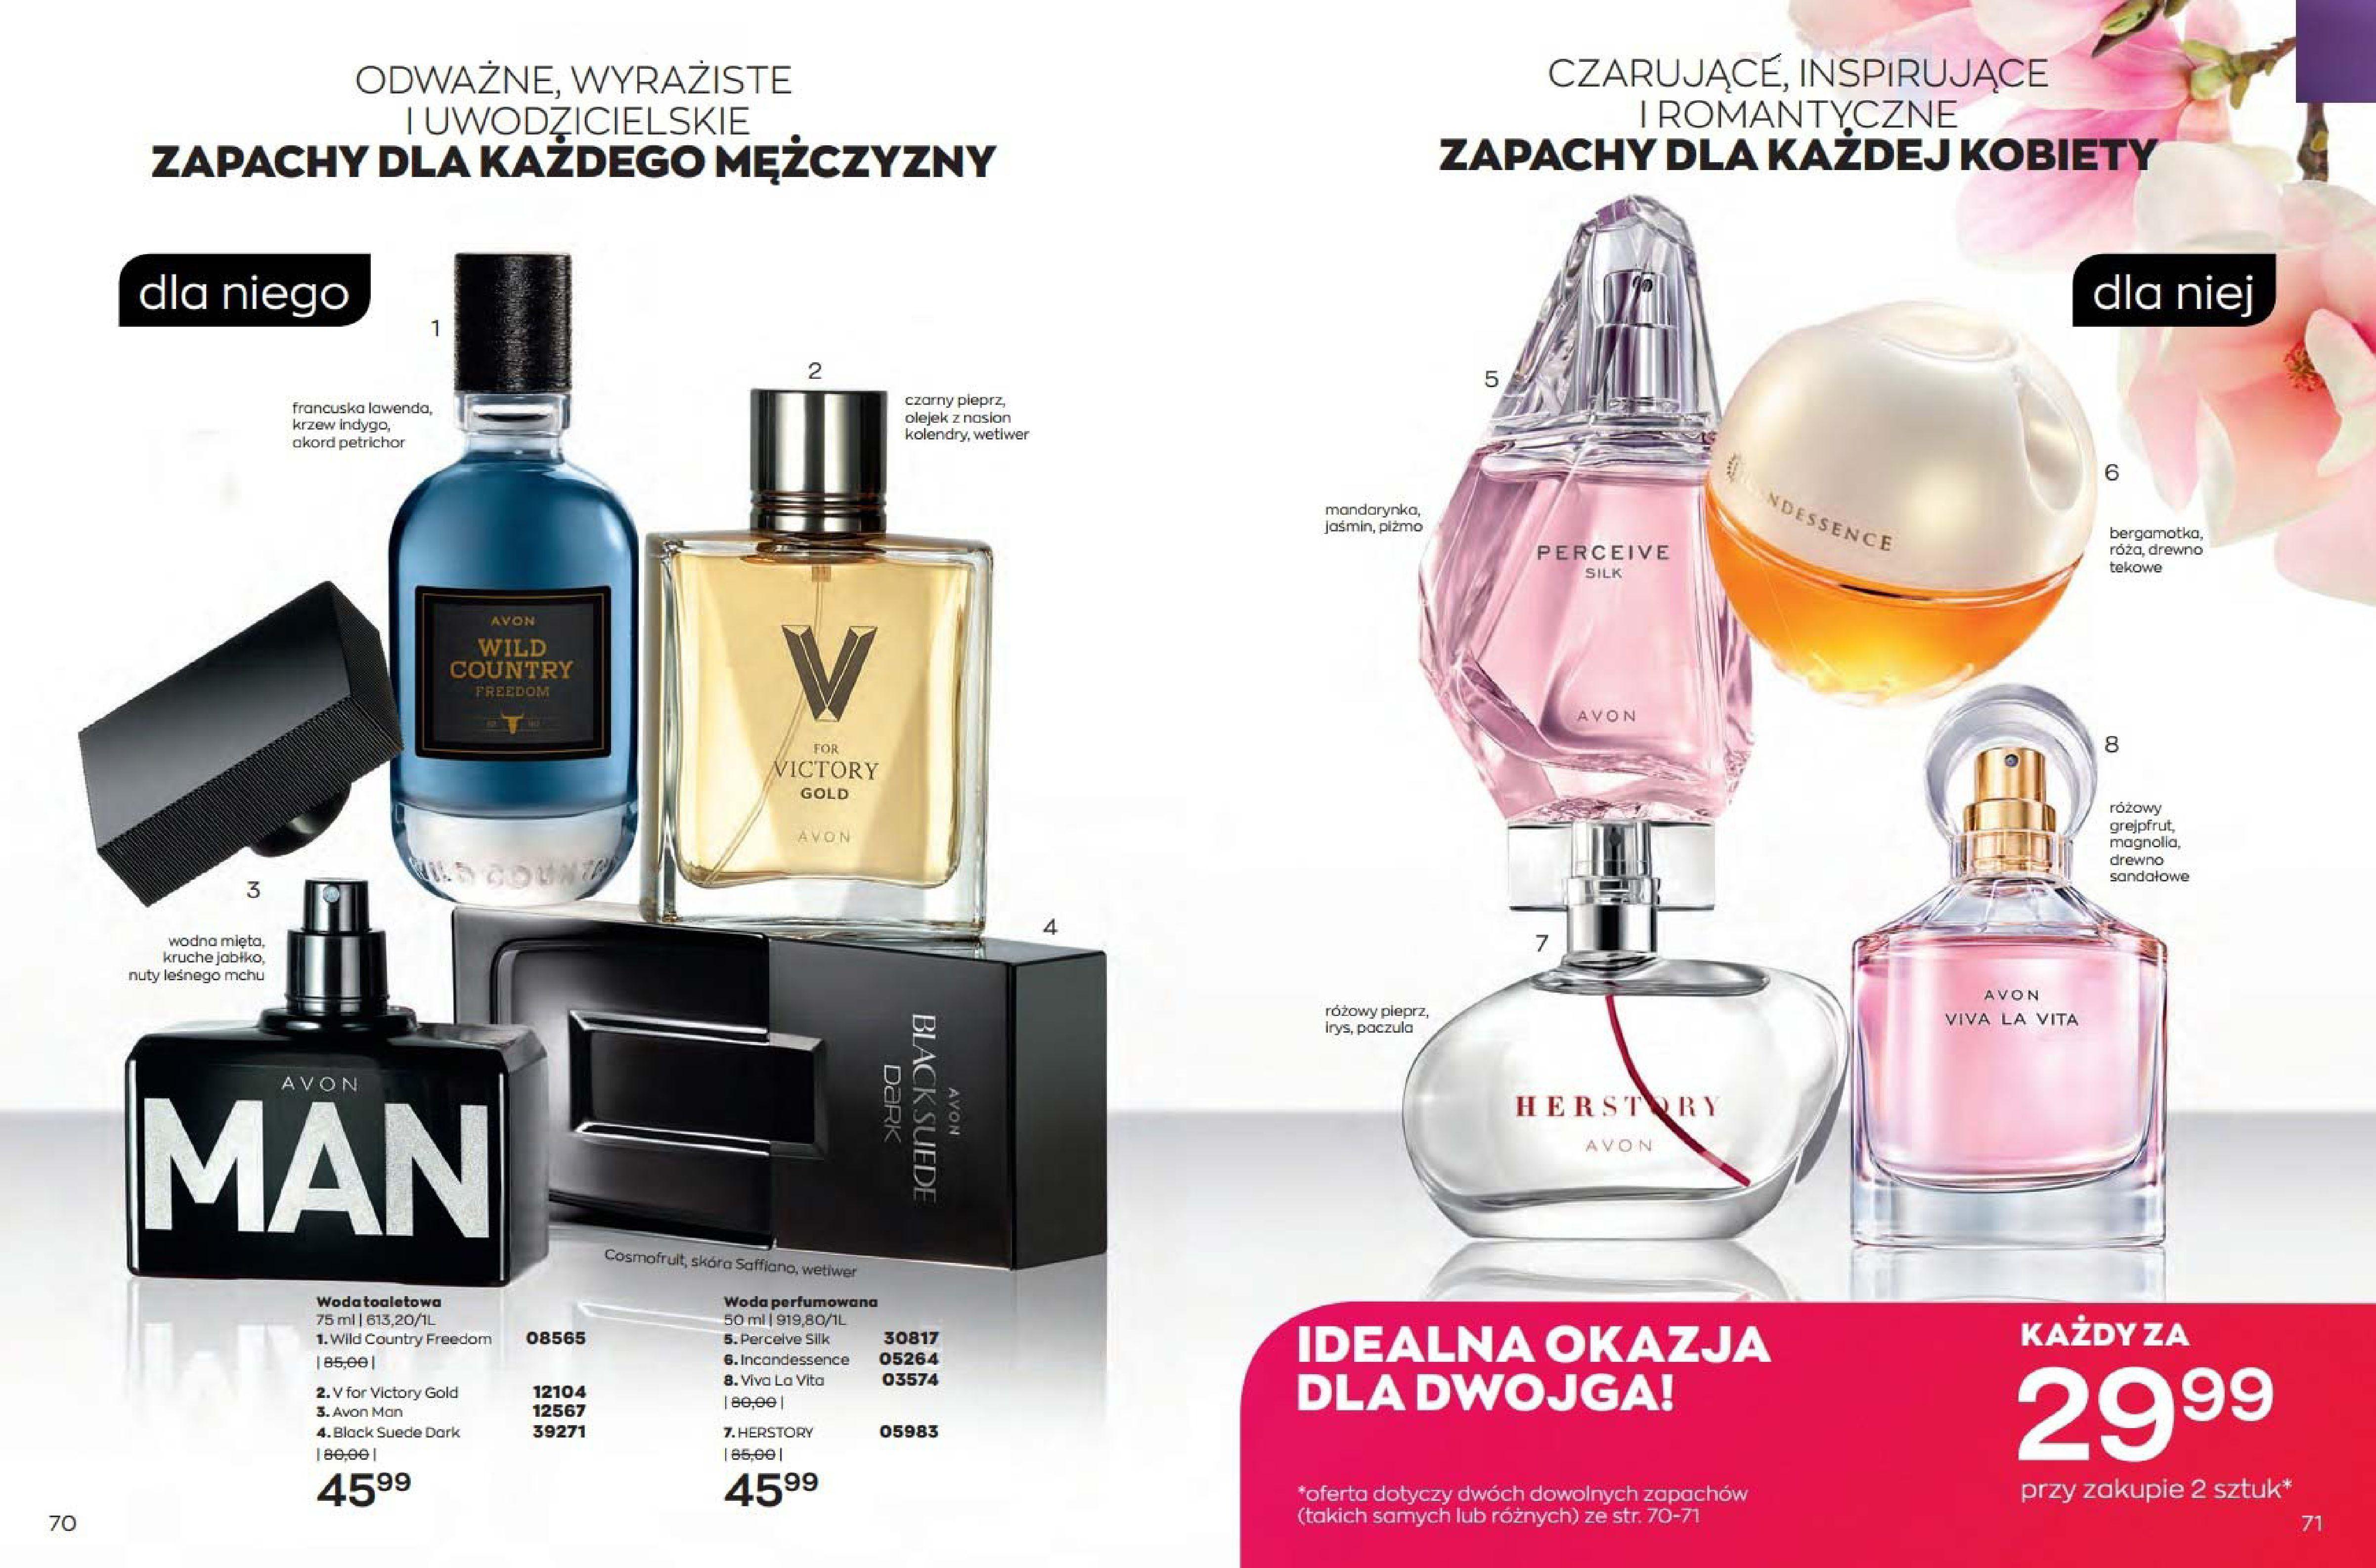 Gazetka Avon: Katalog Avon - Wrzesień/Październik 2021-08-17 page-36